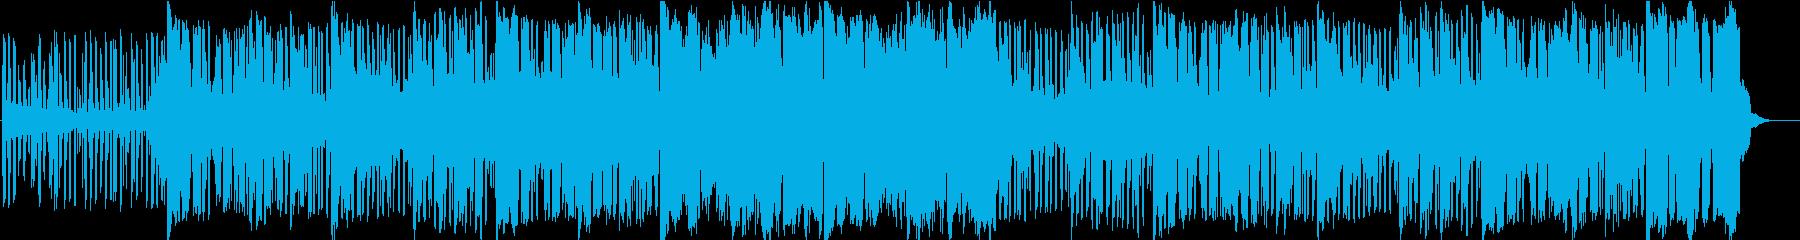 ケルト 中世ヨーロッパ 異世界なBGM の再生済みの波形